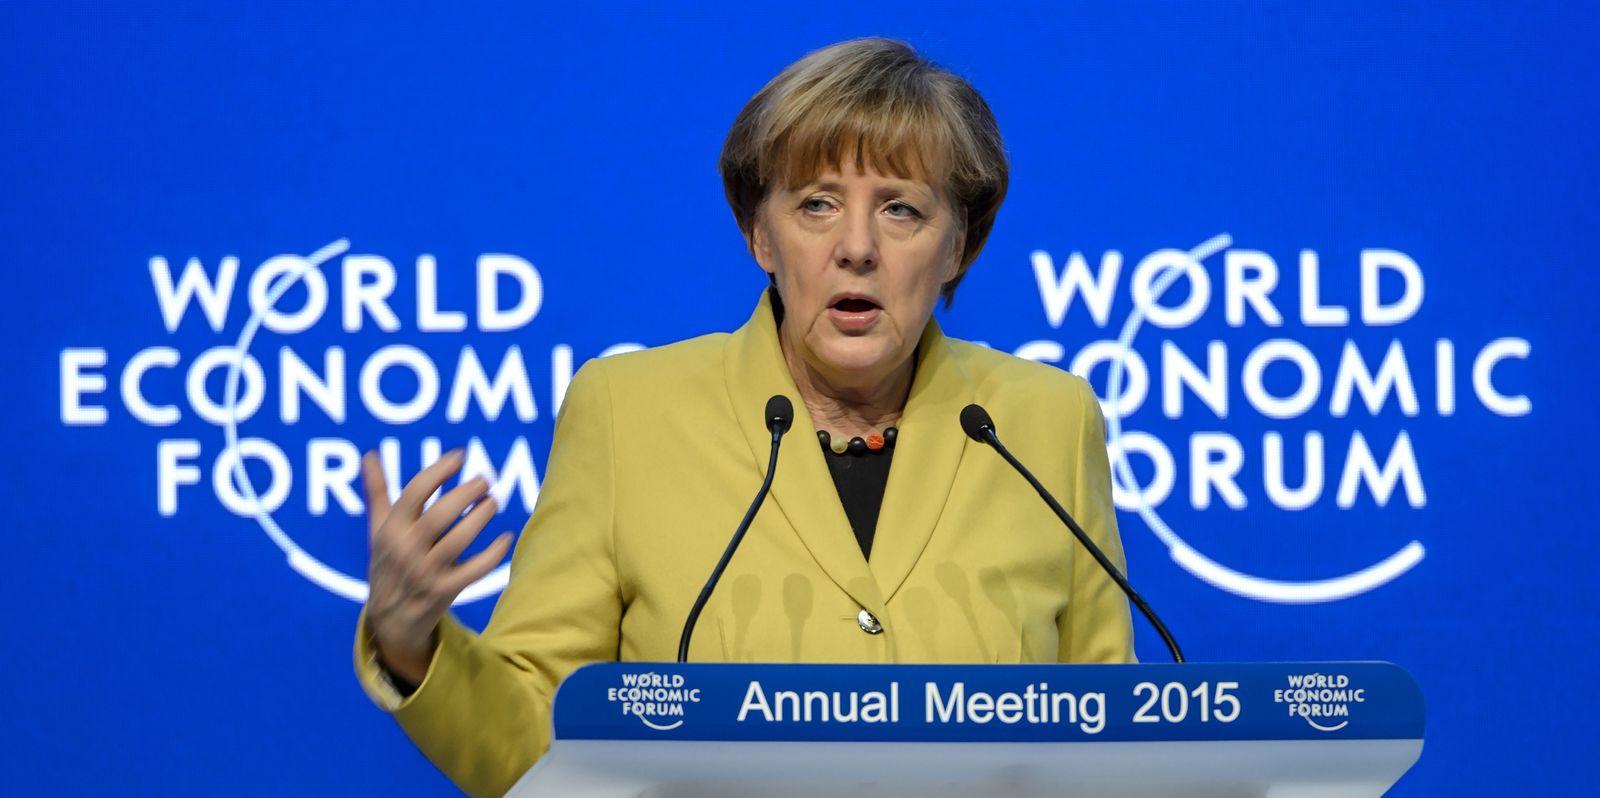 SWITZERLAND-DAVOS-ECONOMY-POLITICS-MEET-WEF